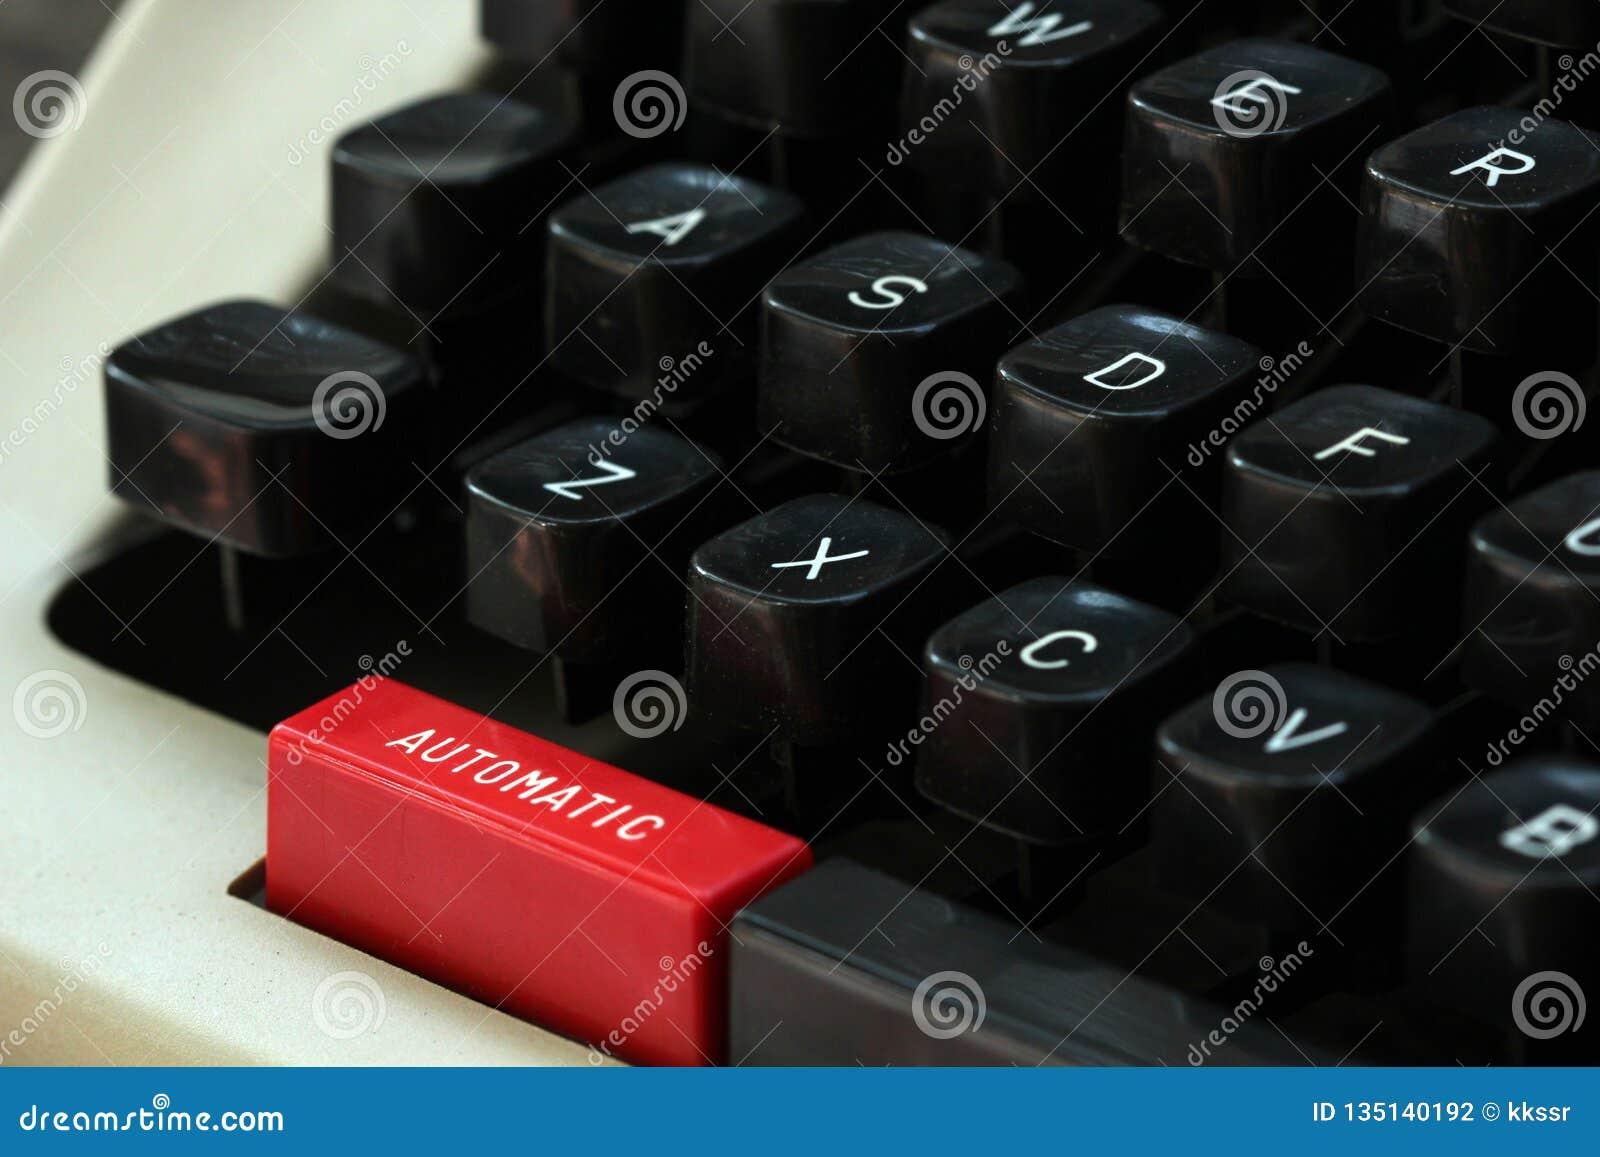 Tipo velho escritor com o botão 'automático 'na cor vermelha